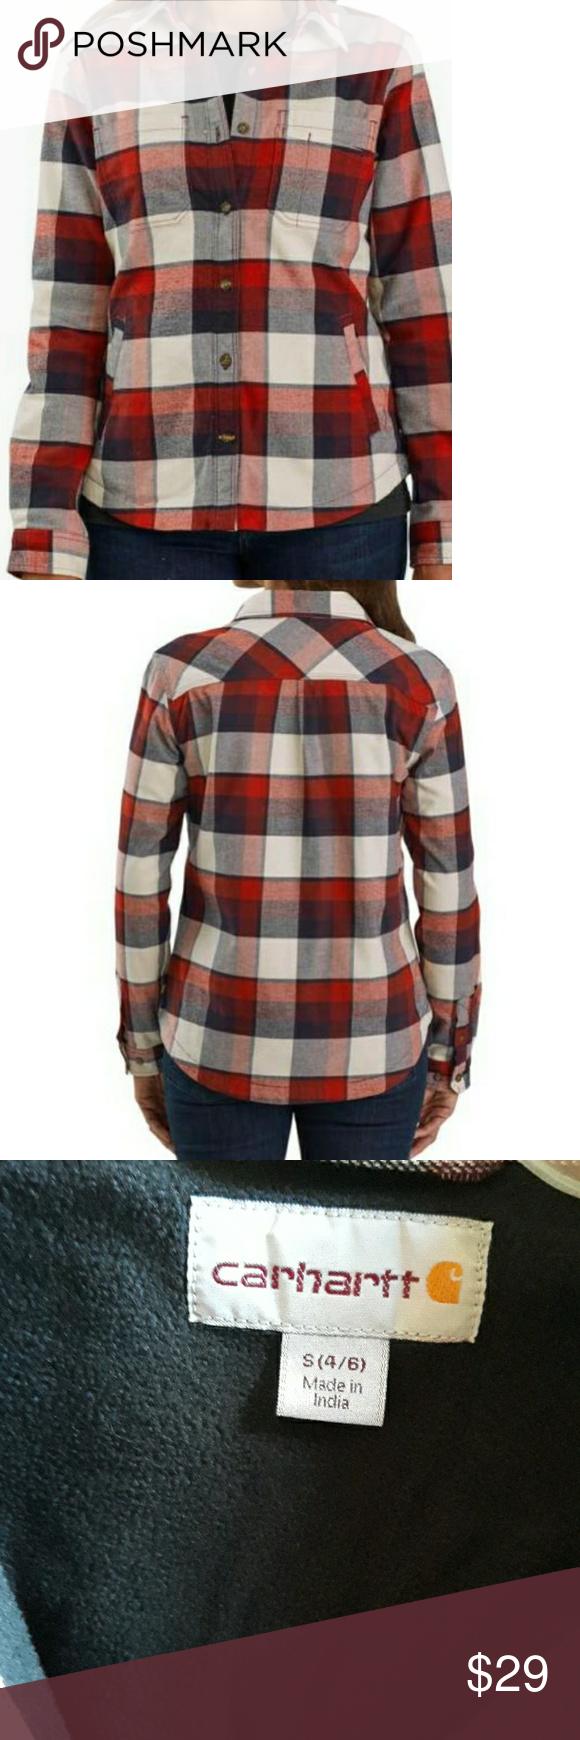 CARHARTT  WOMEN'S  SIZE S 4/6 RUGGED FEX HAMILTON CARTHARTT  WOMEN'S  SIZE S 4/6  RUGGED FEX HAMILTON  FLECEE LINEN SHIRT SHELL 97% COTTON 3%  ELASTANE (SPANDEX) Carhartt Tops Button Down Shirts #carharttwomen